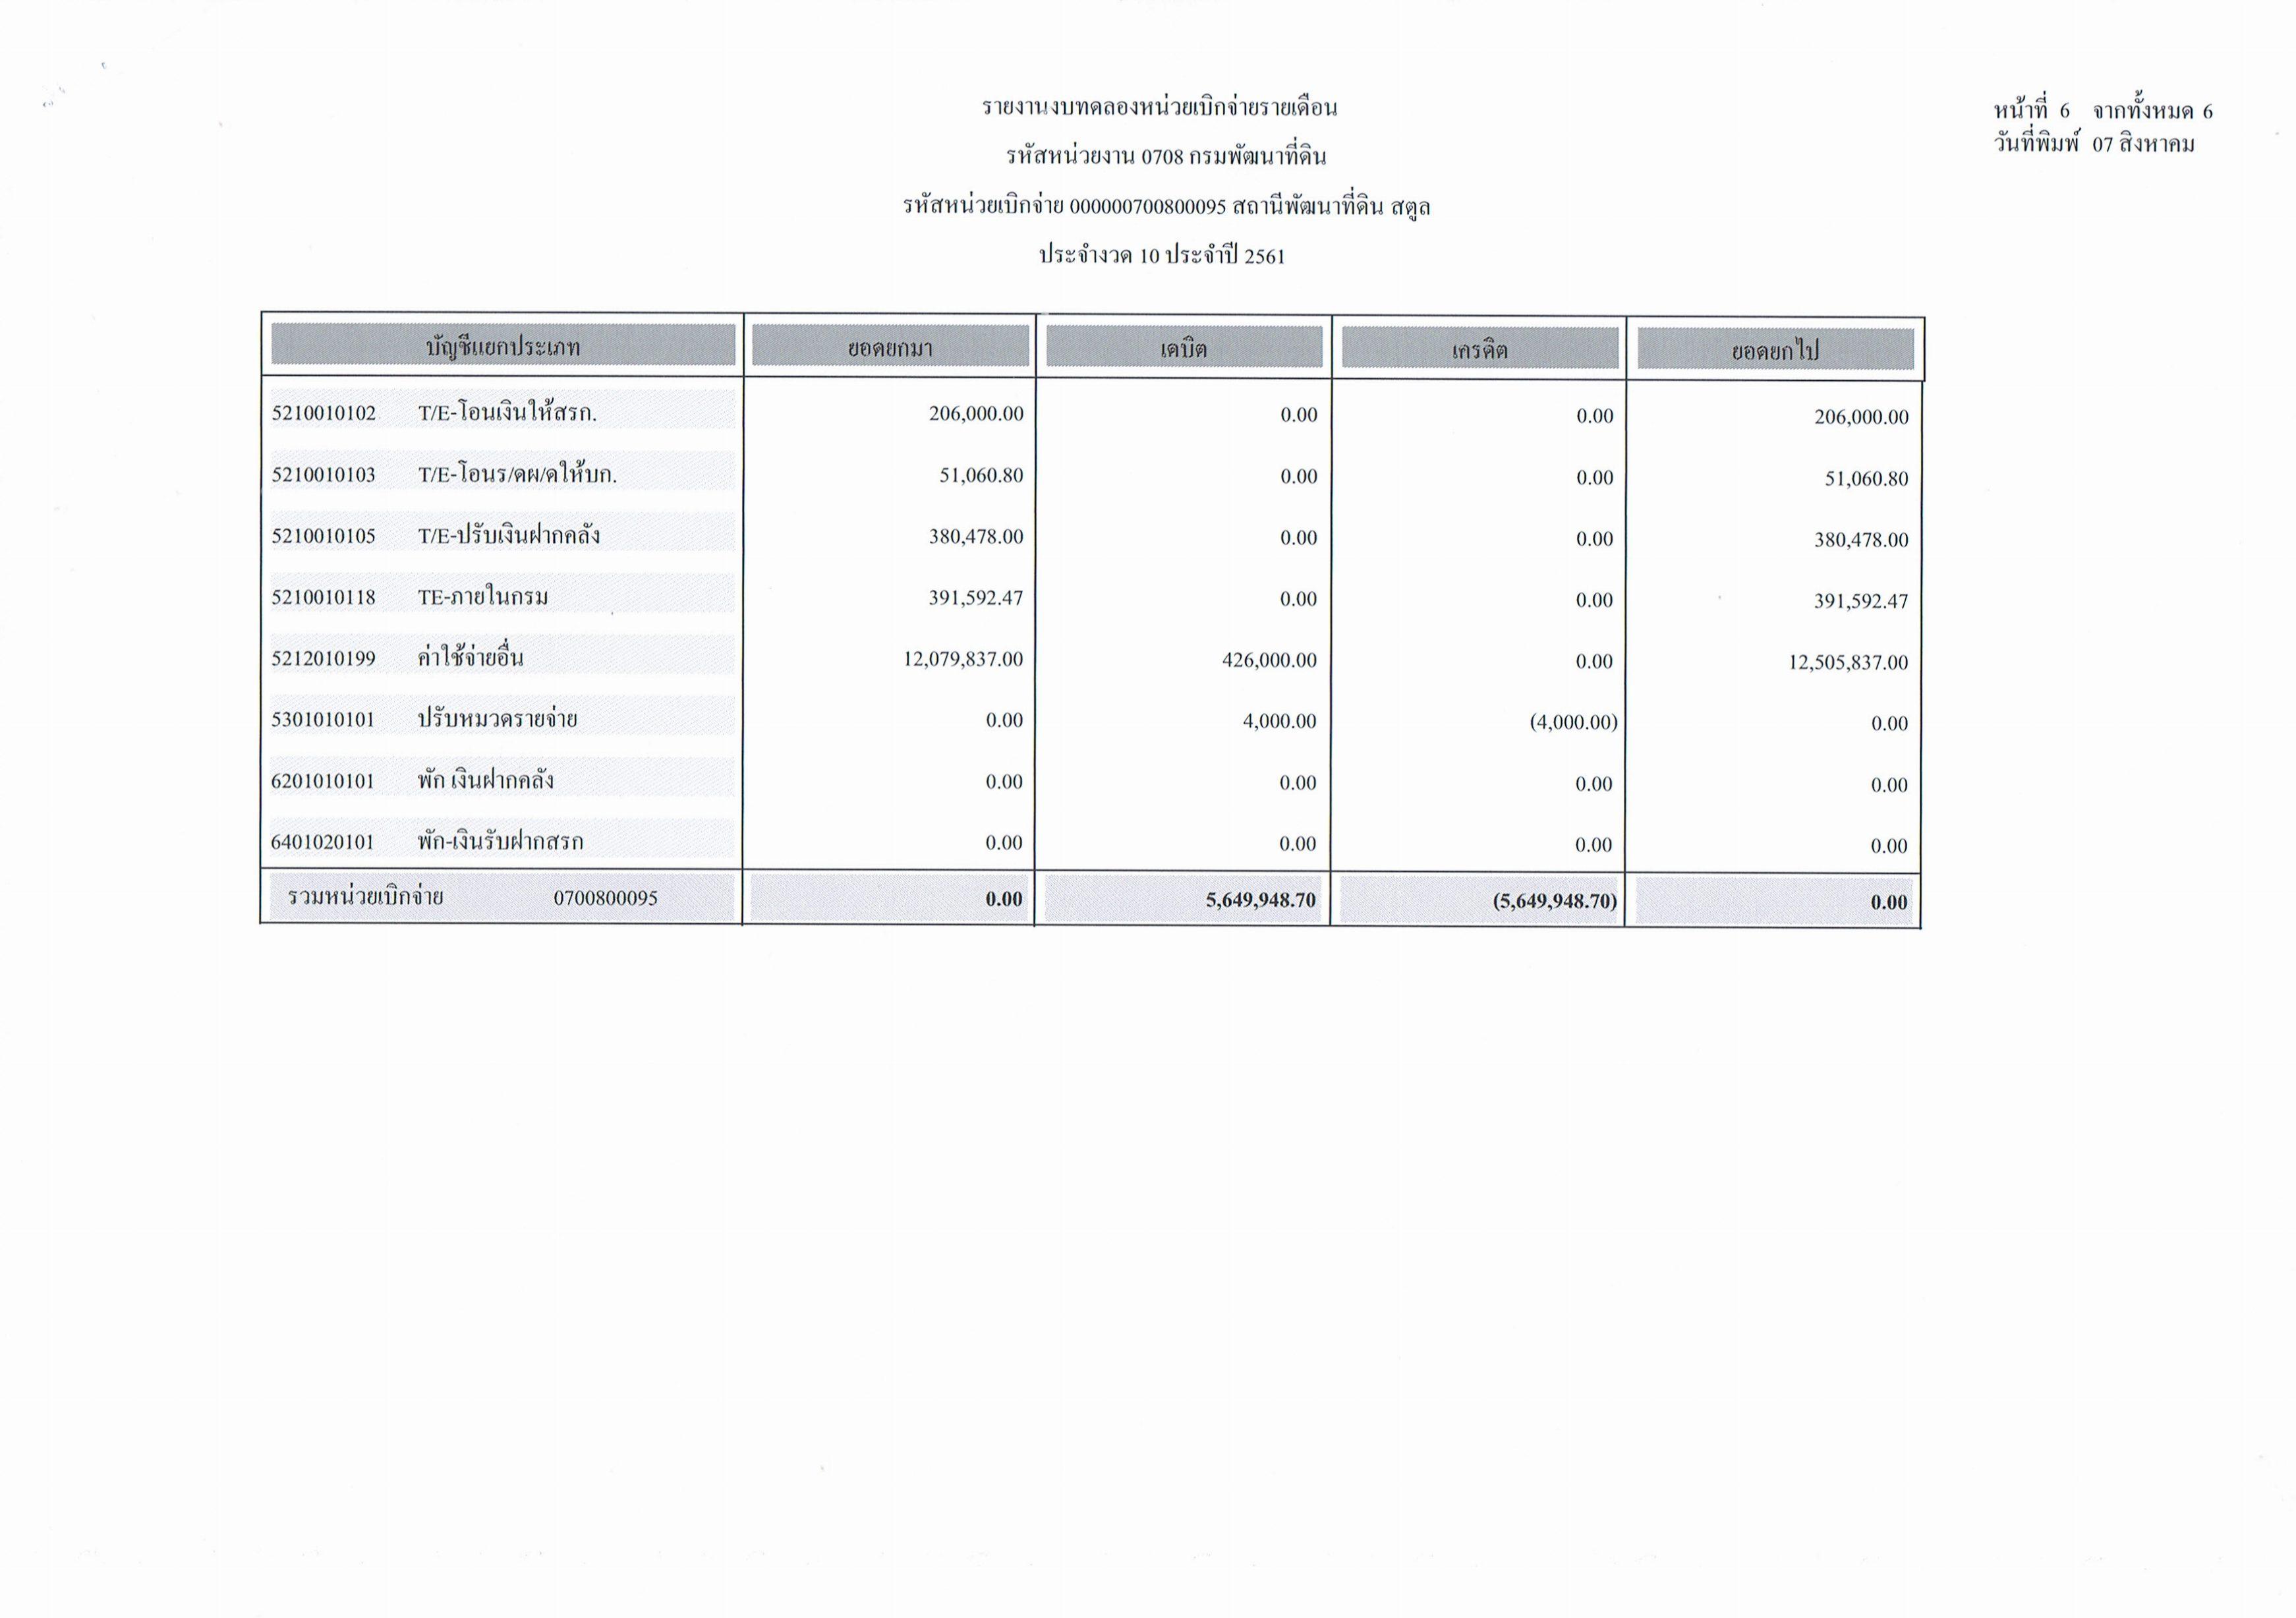 รายงานงบทดลองหน่วยเบิกจ่ายรายเดือนกรกฎาคม ประจำงวด 10 ประจำปี 2561_6